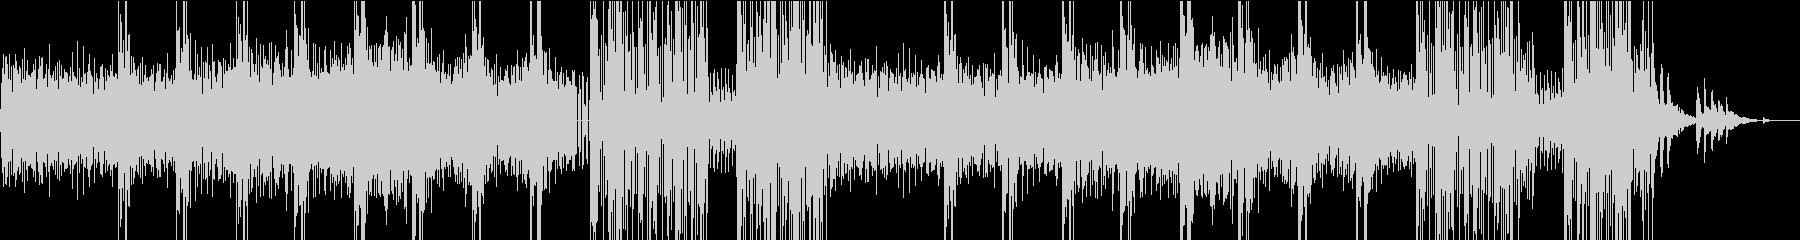 不気味な雰囲気が特徴のシンセサイザー曲の未再生の波形